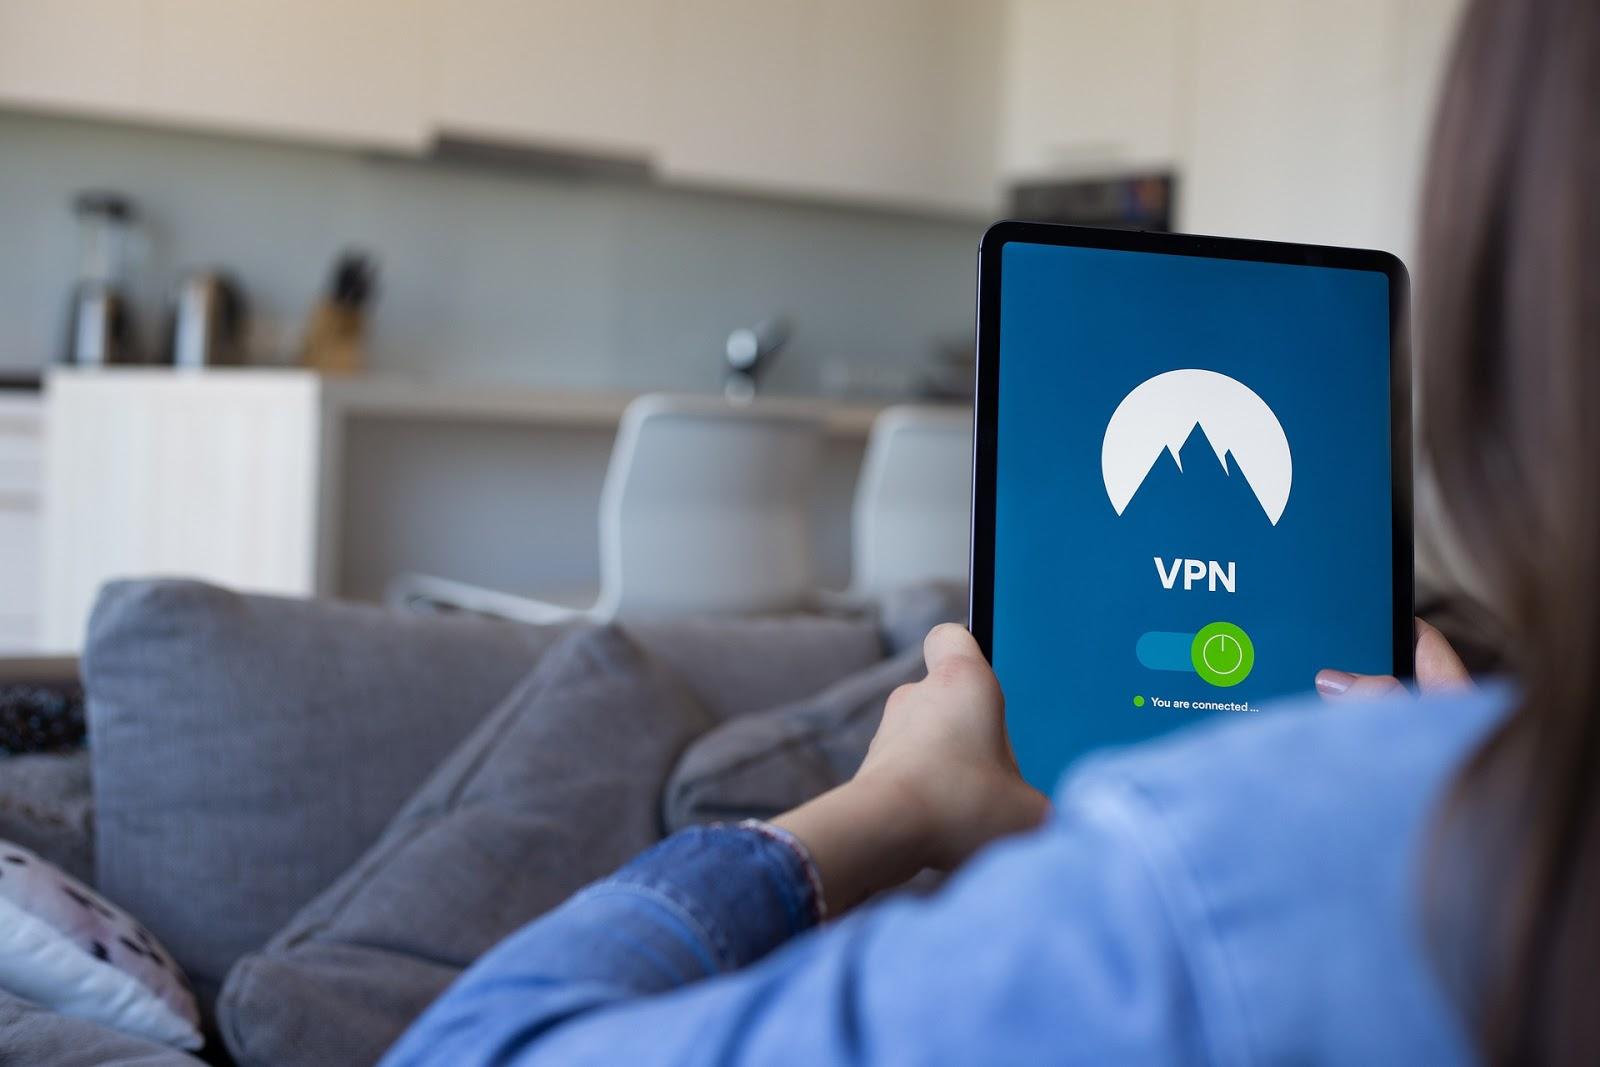 الشبكات الافتراضية الوهمية